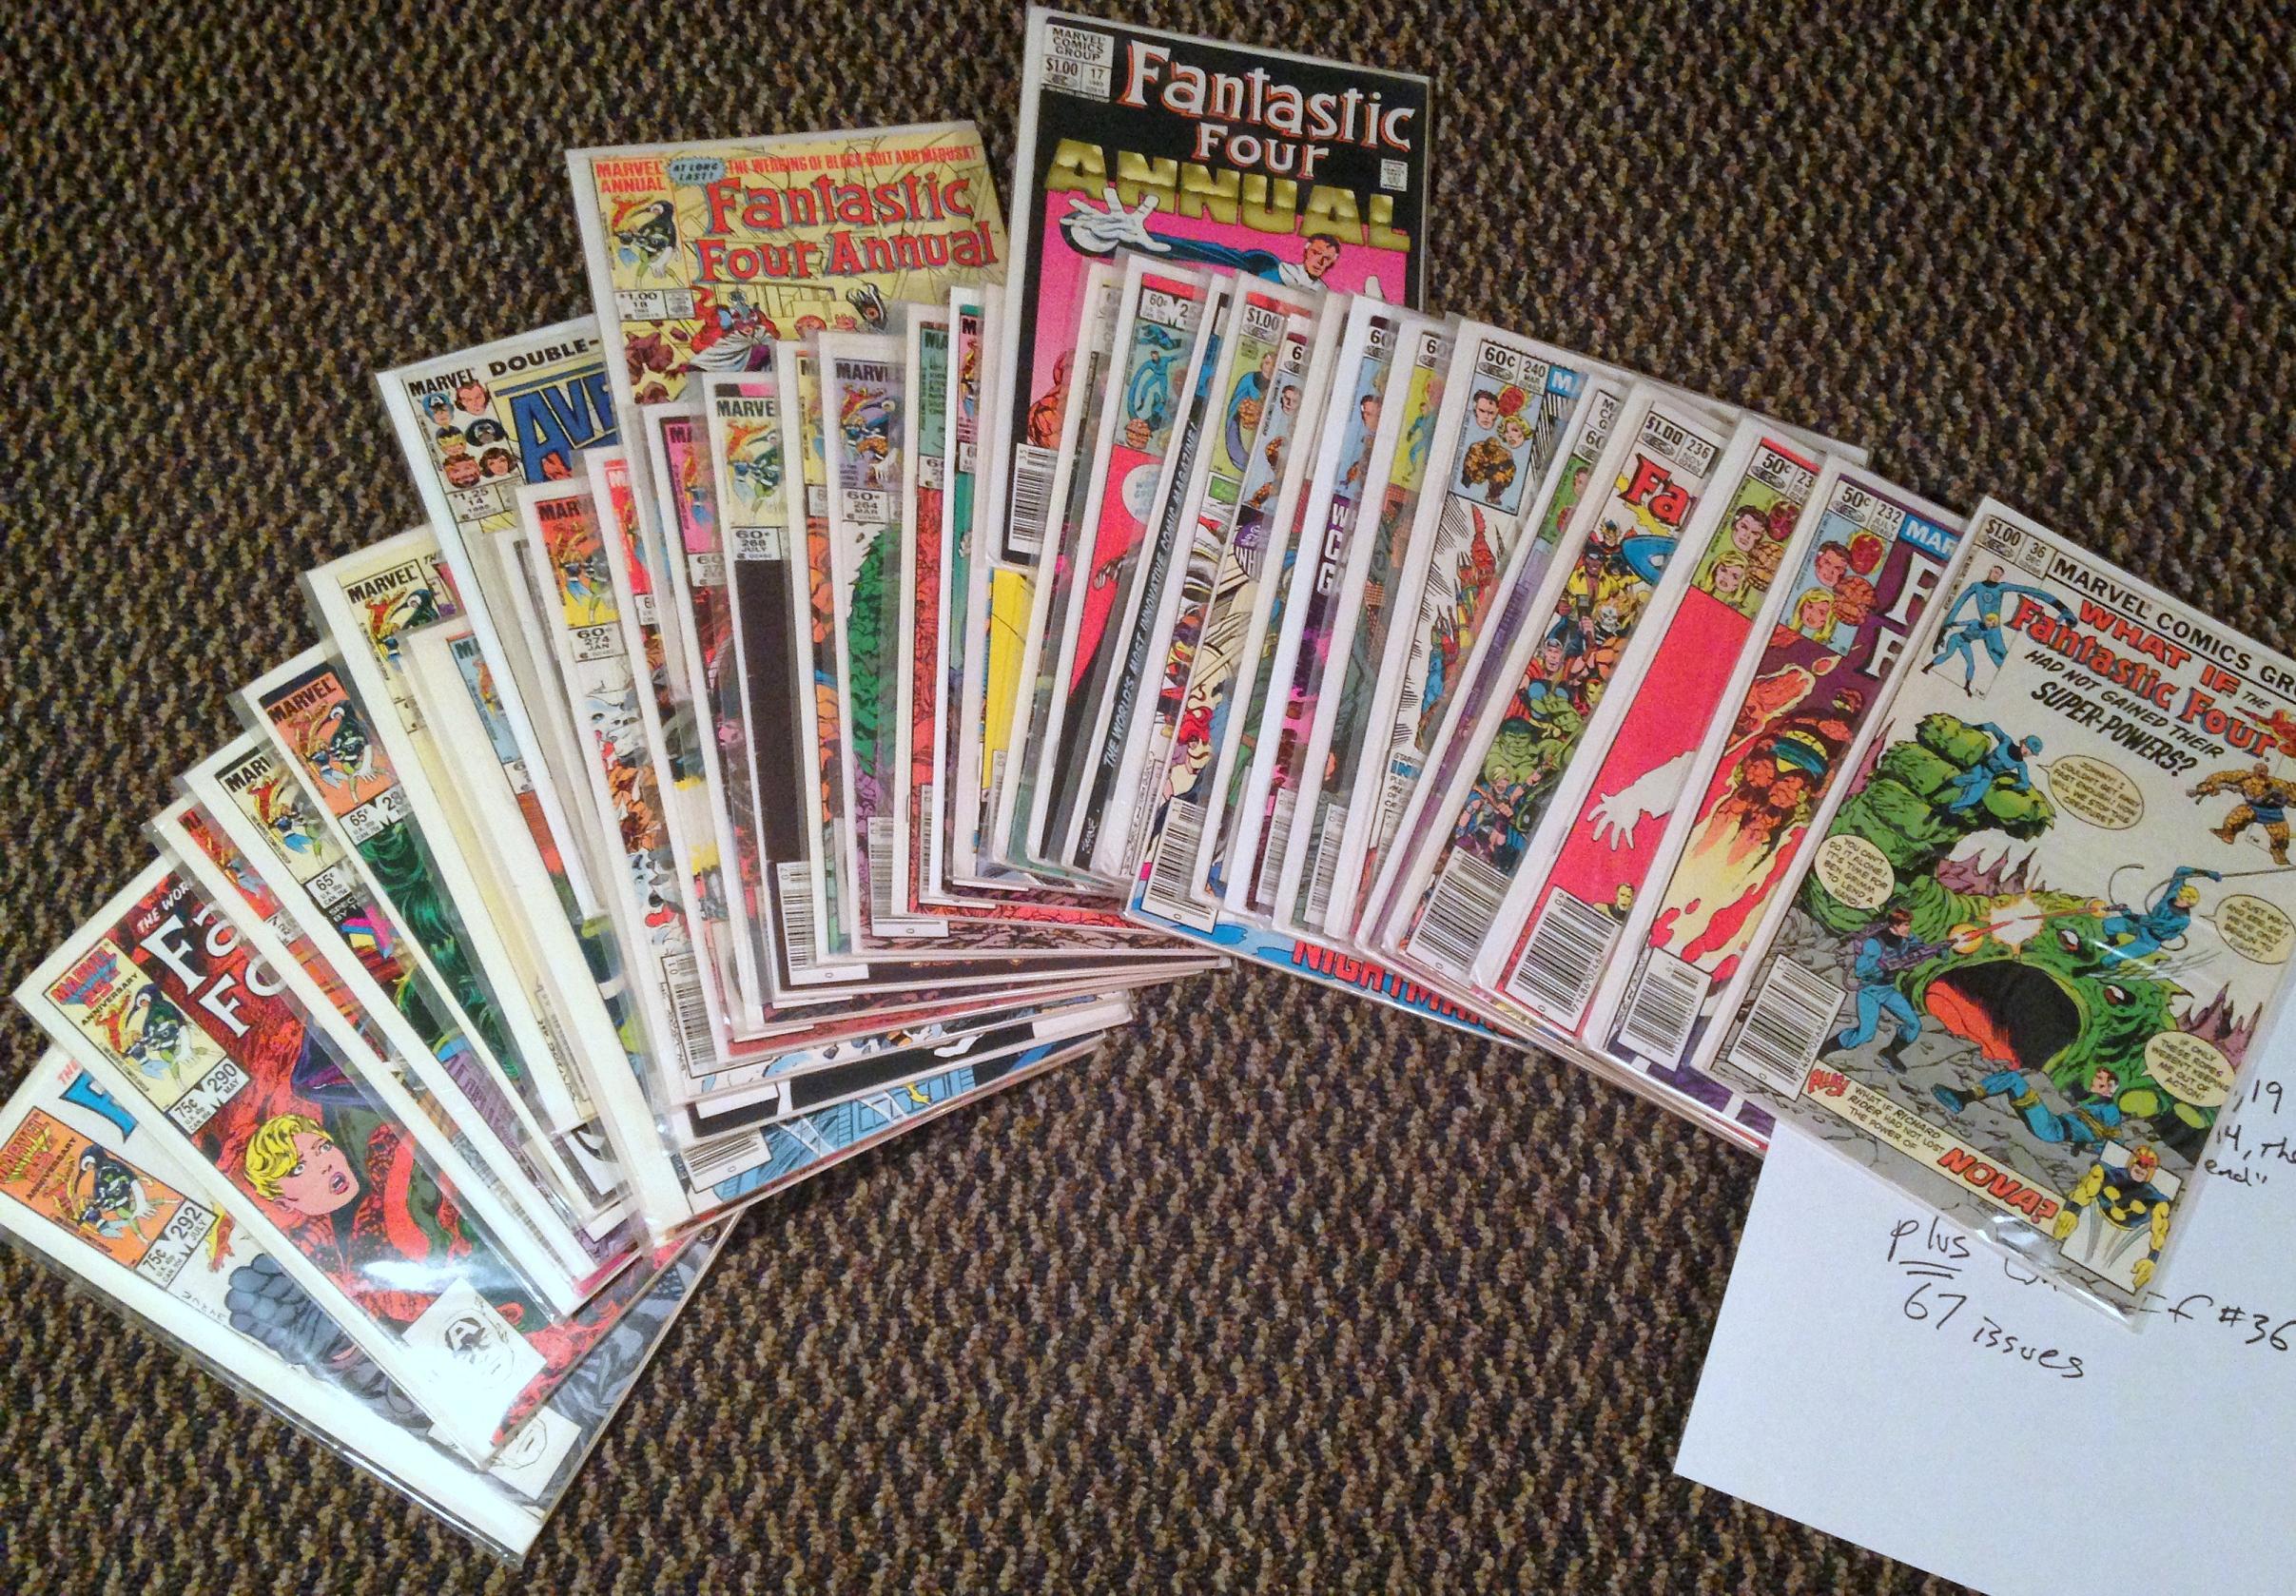 Fantastic Four John Byrne Collection (3)